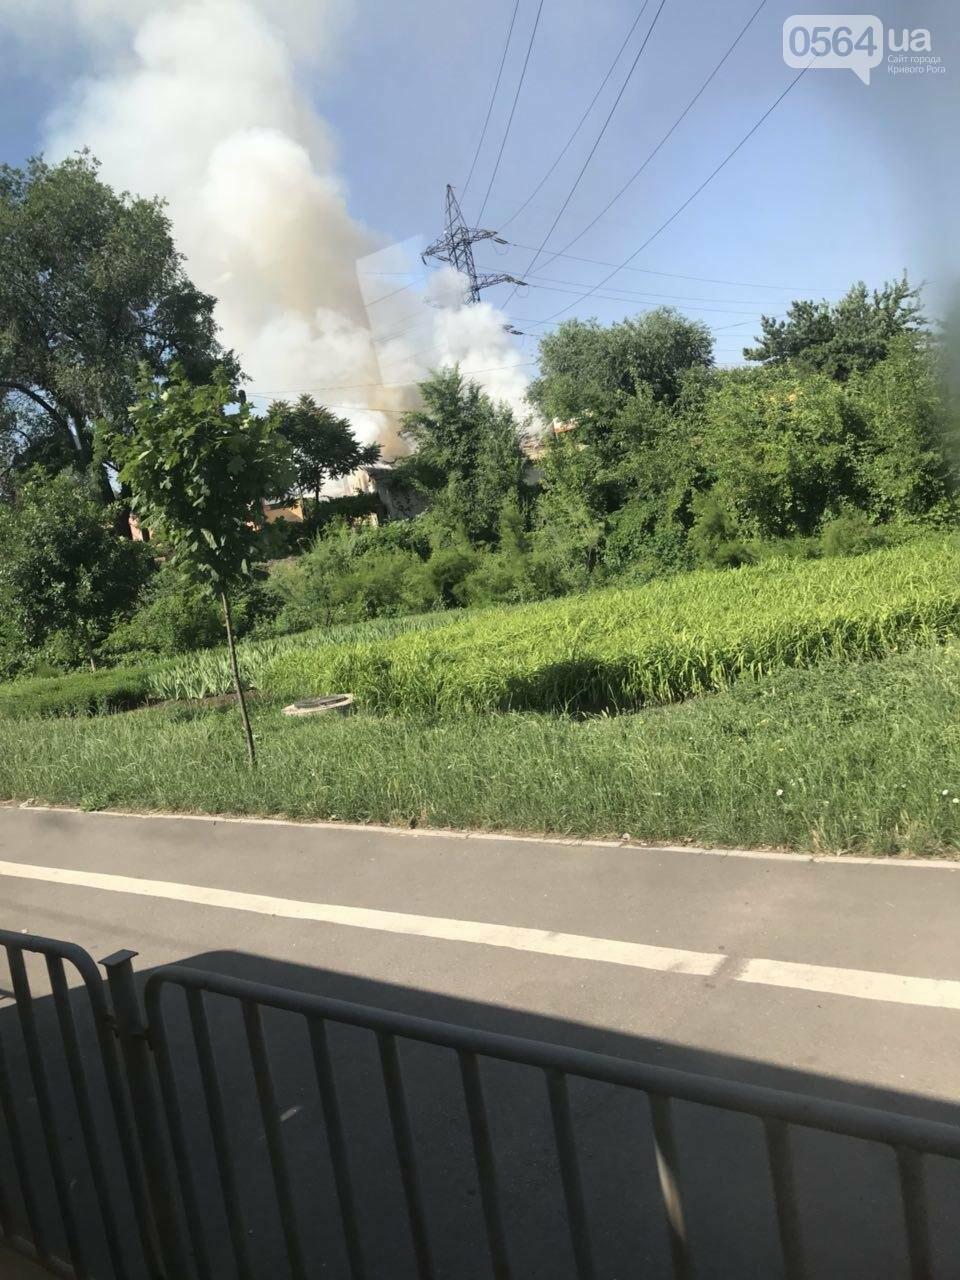 В Кривом Роге на СТО произошел пожар, сгорела как минимум одна машина, - ФОТО , фото-4